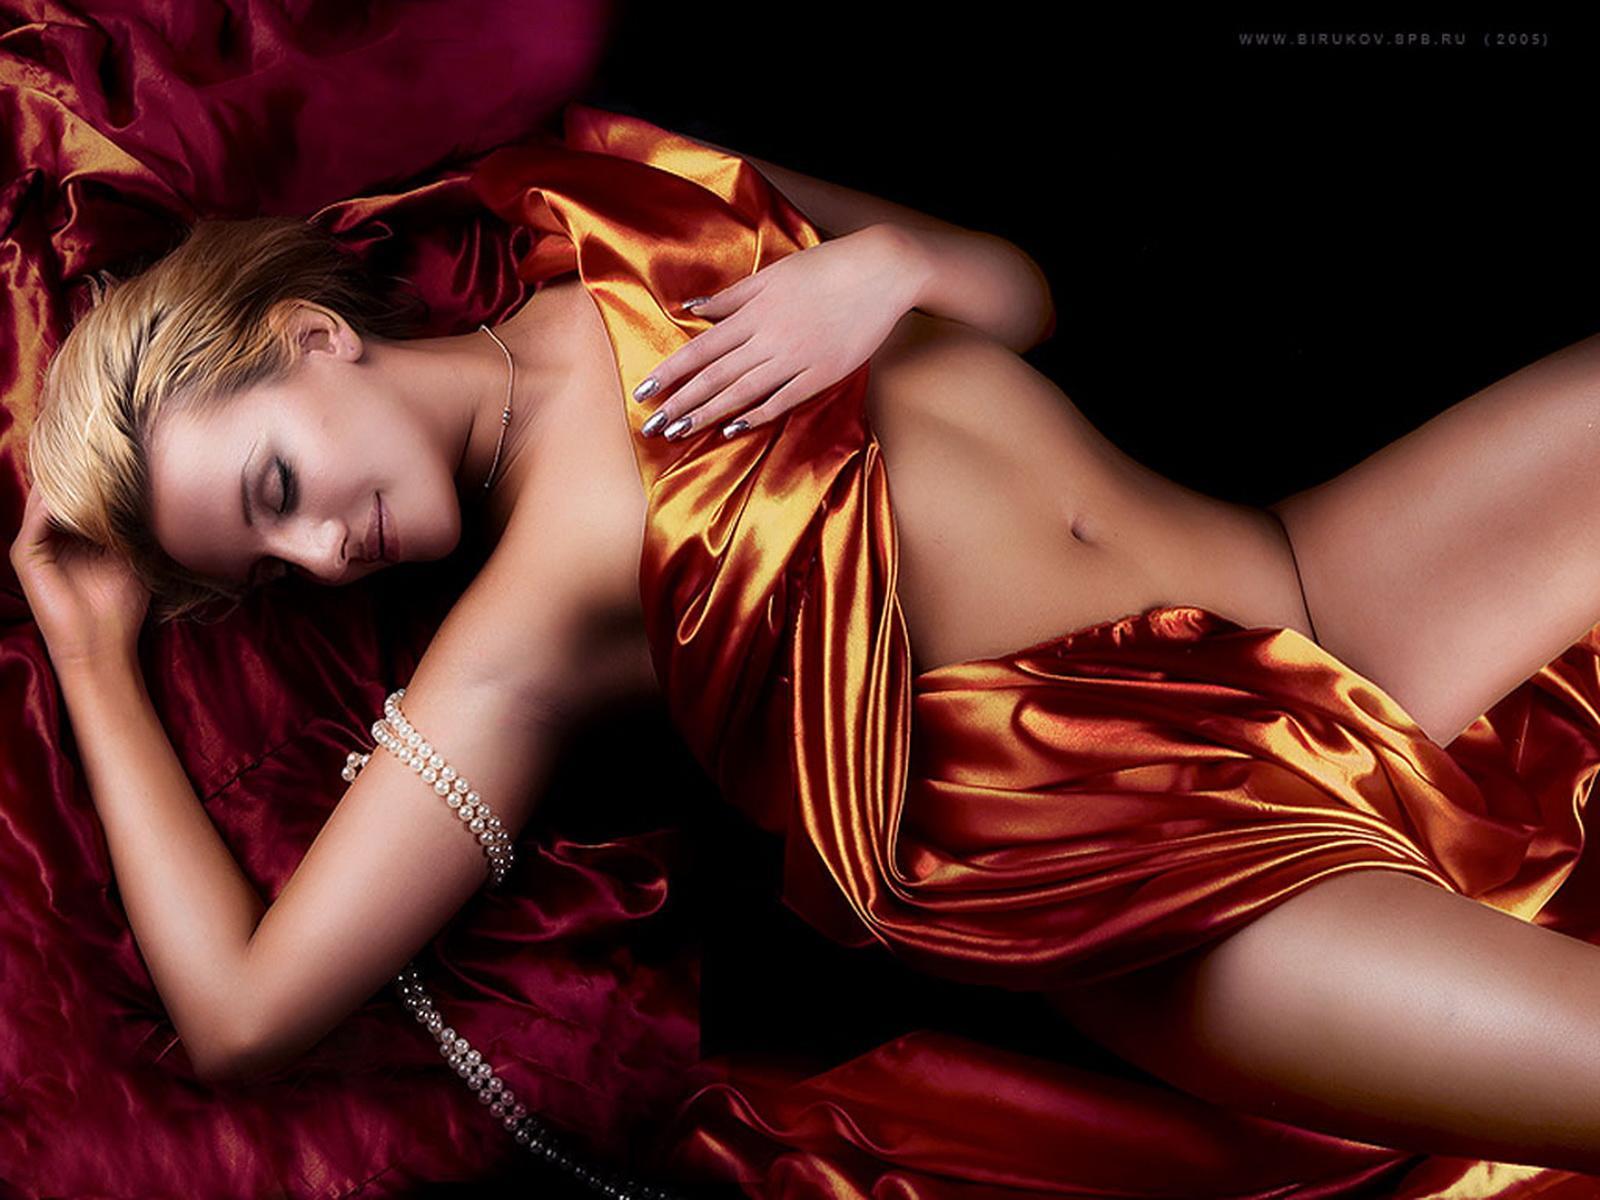 Страстная массажистка смотреть онлайн 12 фотография